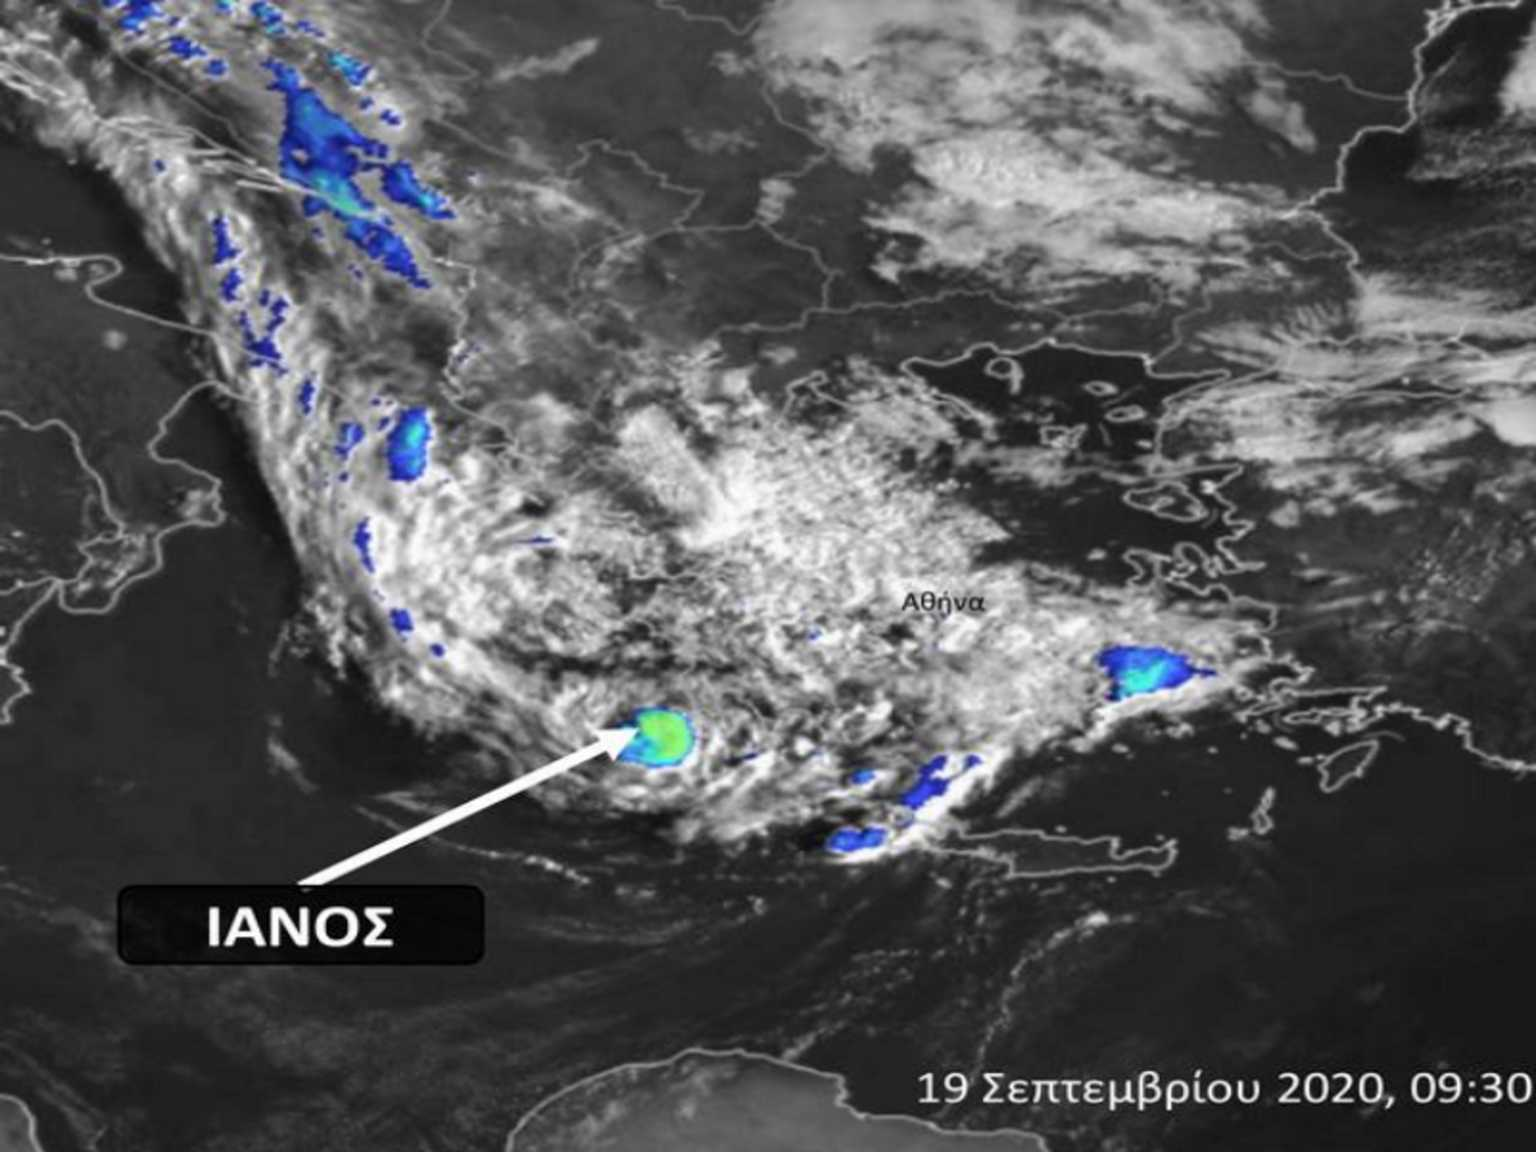 Ιανός: «Βομβάρδισε» με απίστευτα ύψη βροχής και «πολιορκεί» πλέον την Αθήνα!